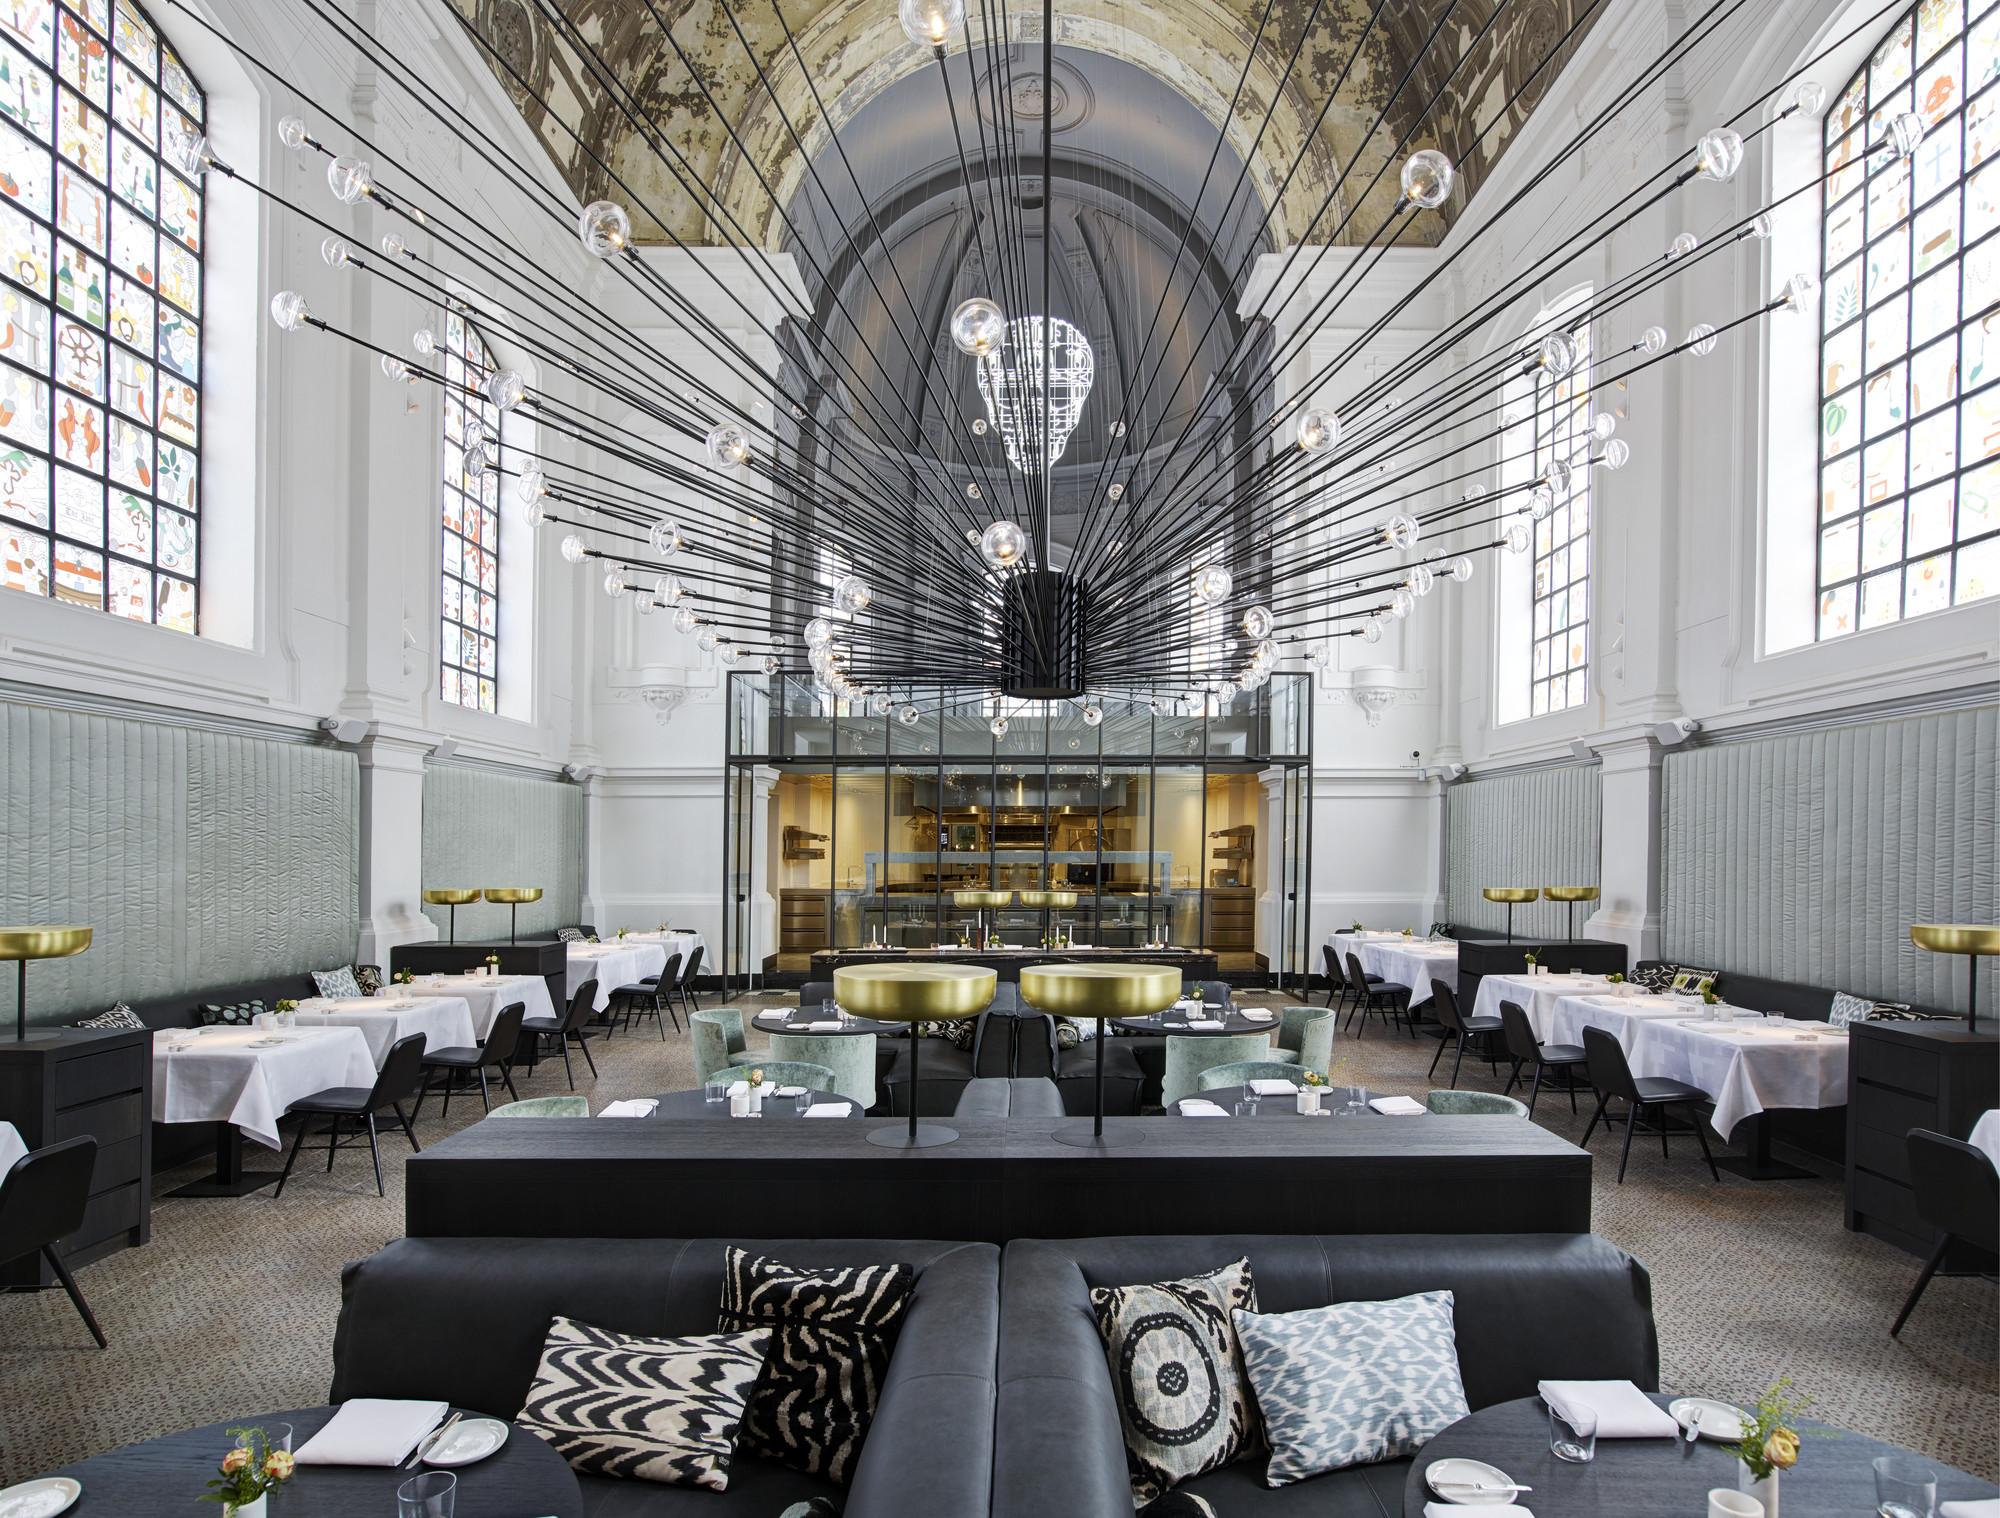 Modern Restaurants With Inspiring Design You Should Visit fine dining in fort lauderdale Fine Dining in Fort Lauderdale TheJane PB 16650 fine dining in fort lauderdale Fine Dining in Fort Lauderdale TheJane PB 16650